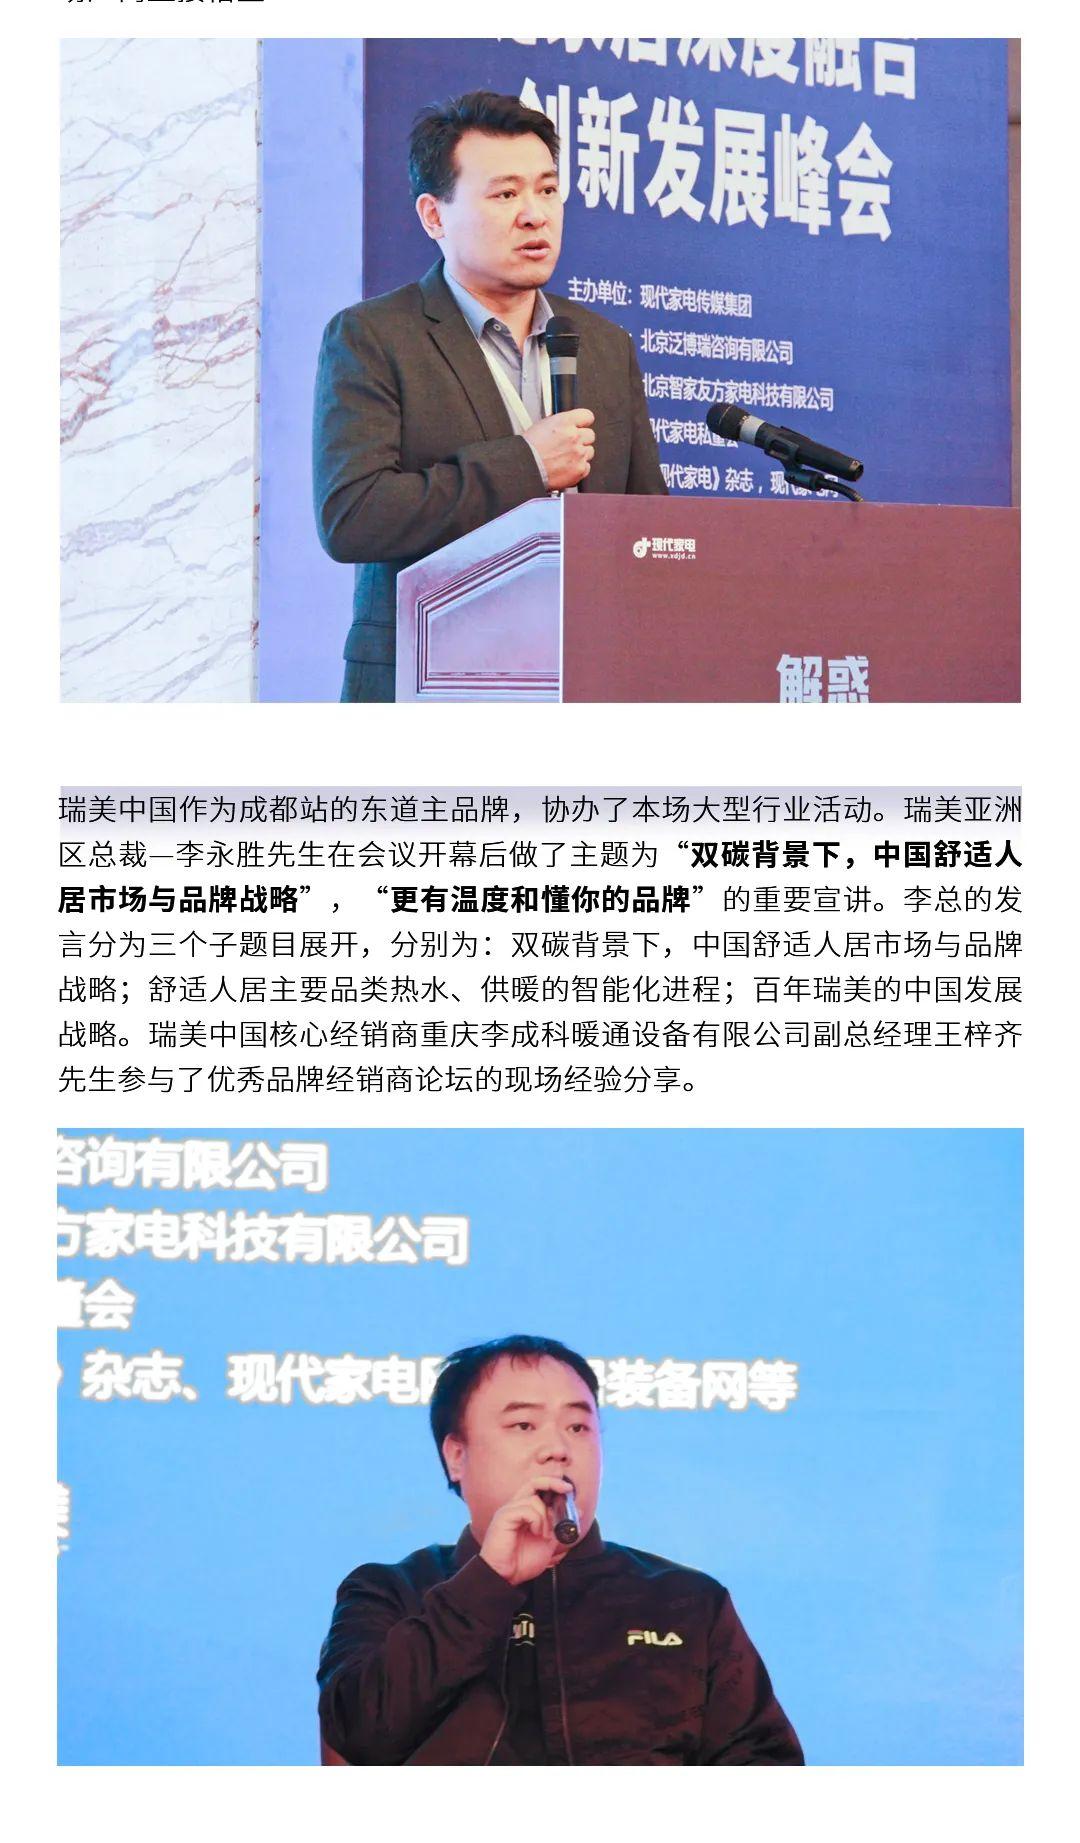 双碳背景下,中国舒适人居市场的智能化进程2